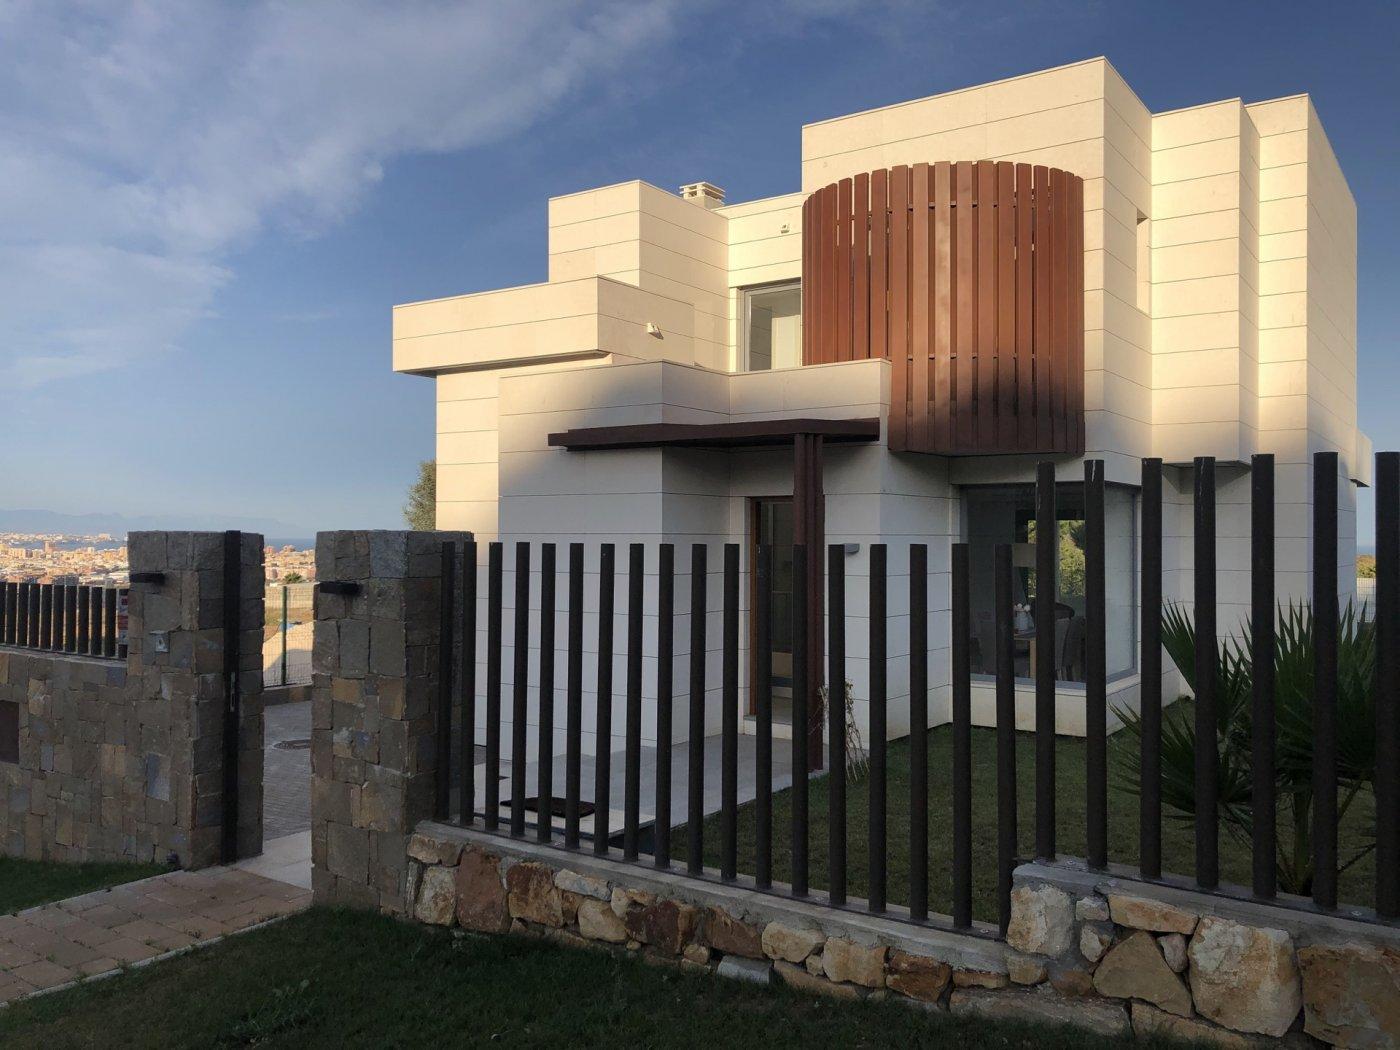 Venta de villas modernas en mijas costa, malaga, espaÑa - imagenInmueble31